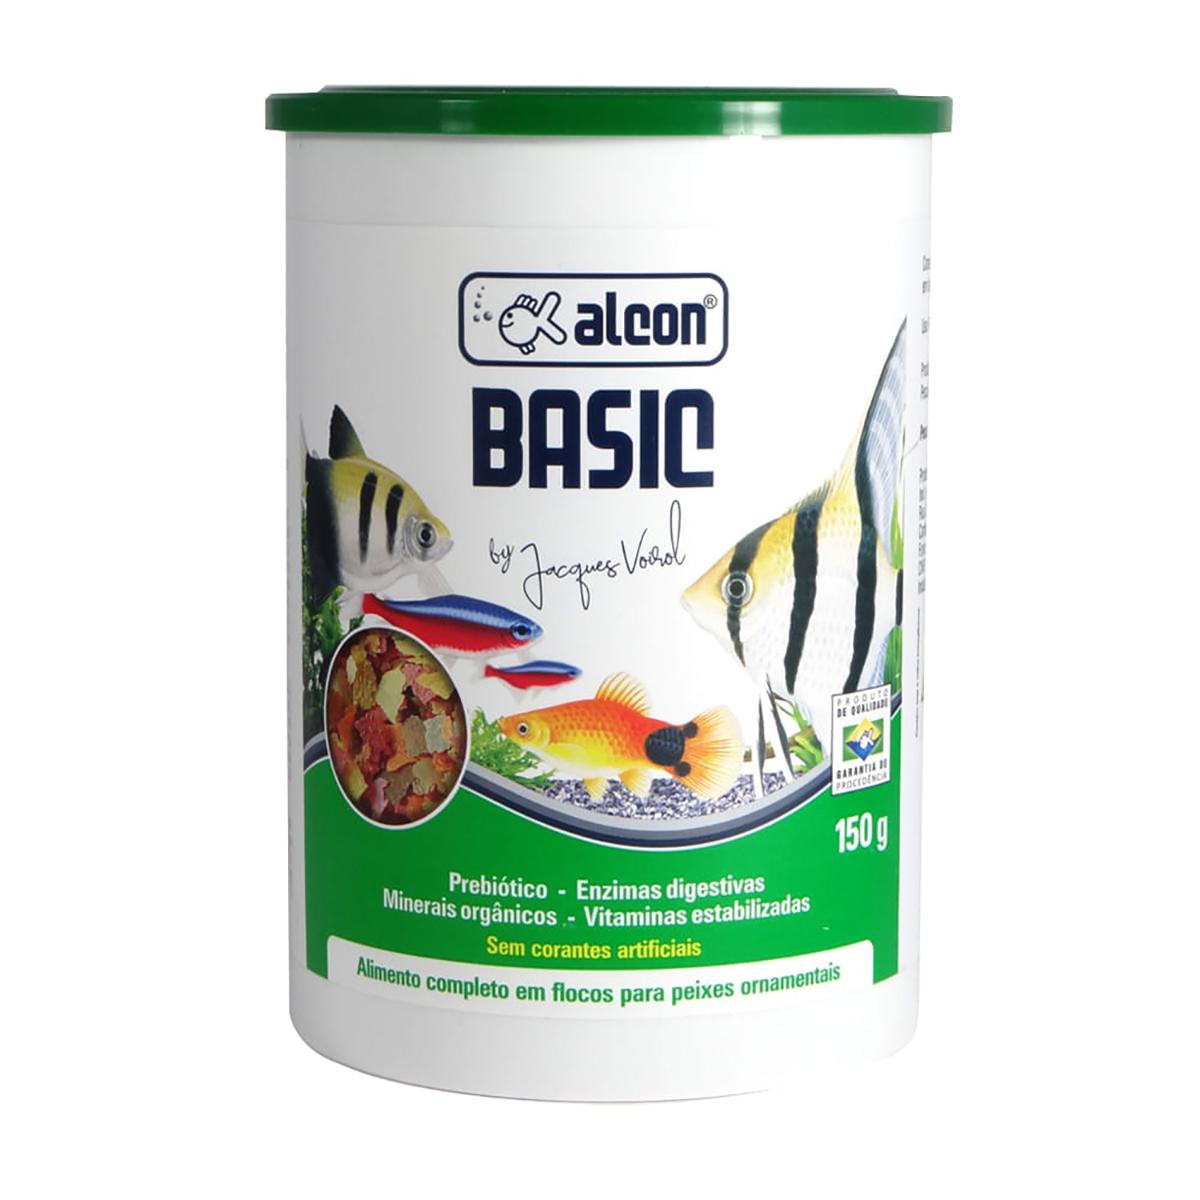 Ração em Flocos para Peixes Alcon Basic 150g